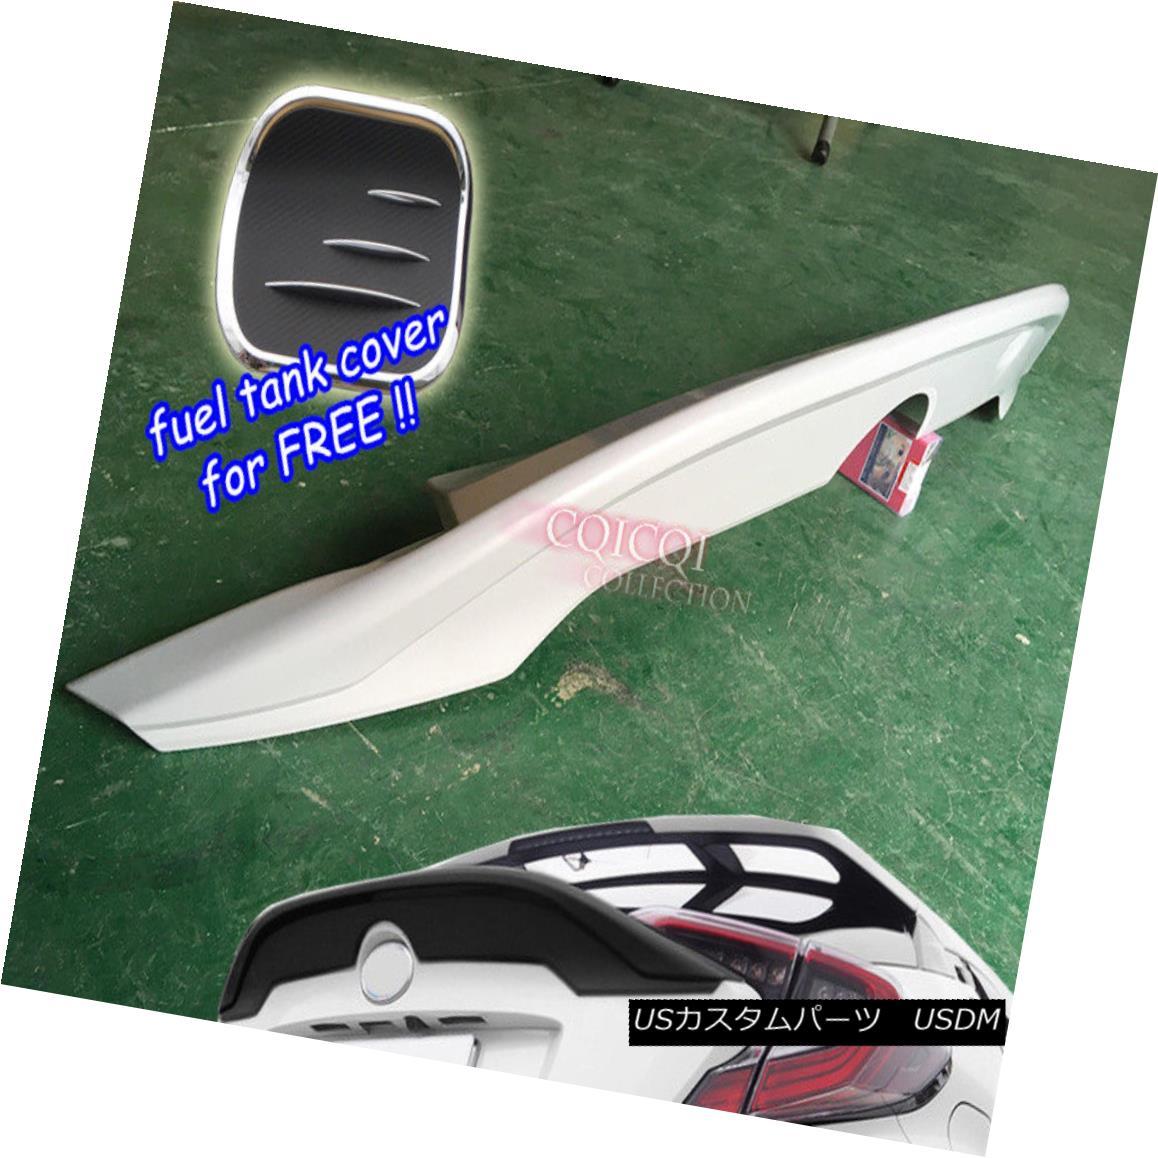 エアロパーツ Unpainted middle trunk spoiler +fuel tank cover for TOYOTA 17~18 CHR C-HR ◎ トヨタ17?18 CHR C-HR用未塗装ミドルトランク・スポイラー+燃料タンクカバー?